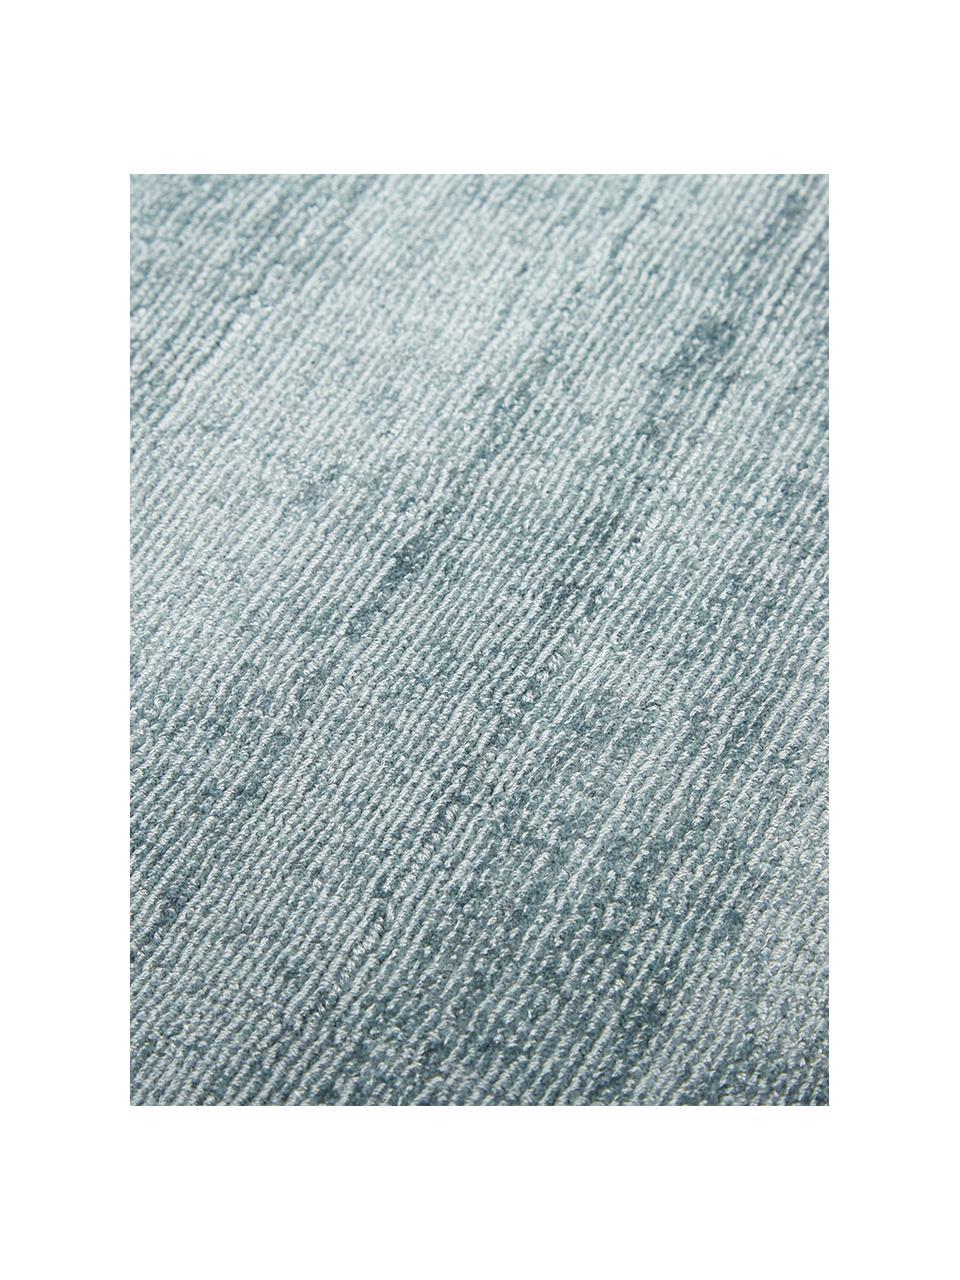 Ručne tkaný koberec z viskózy Jane, Ľadovomodrá